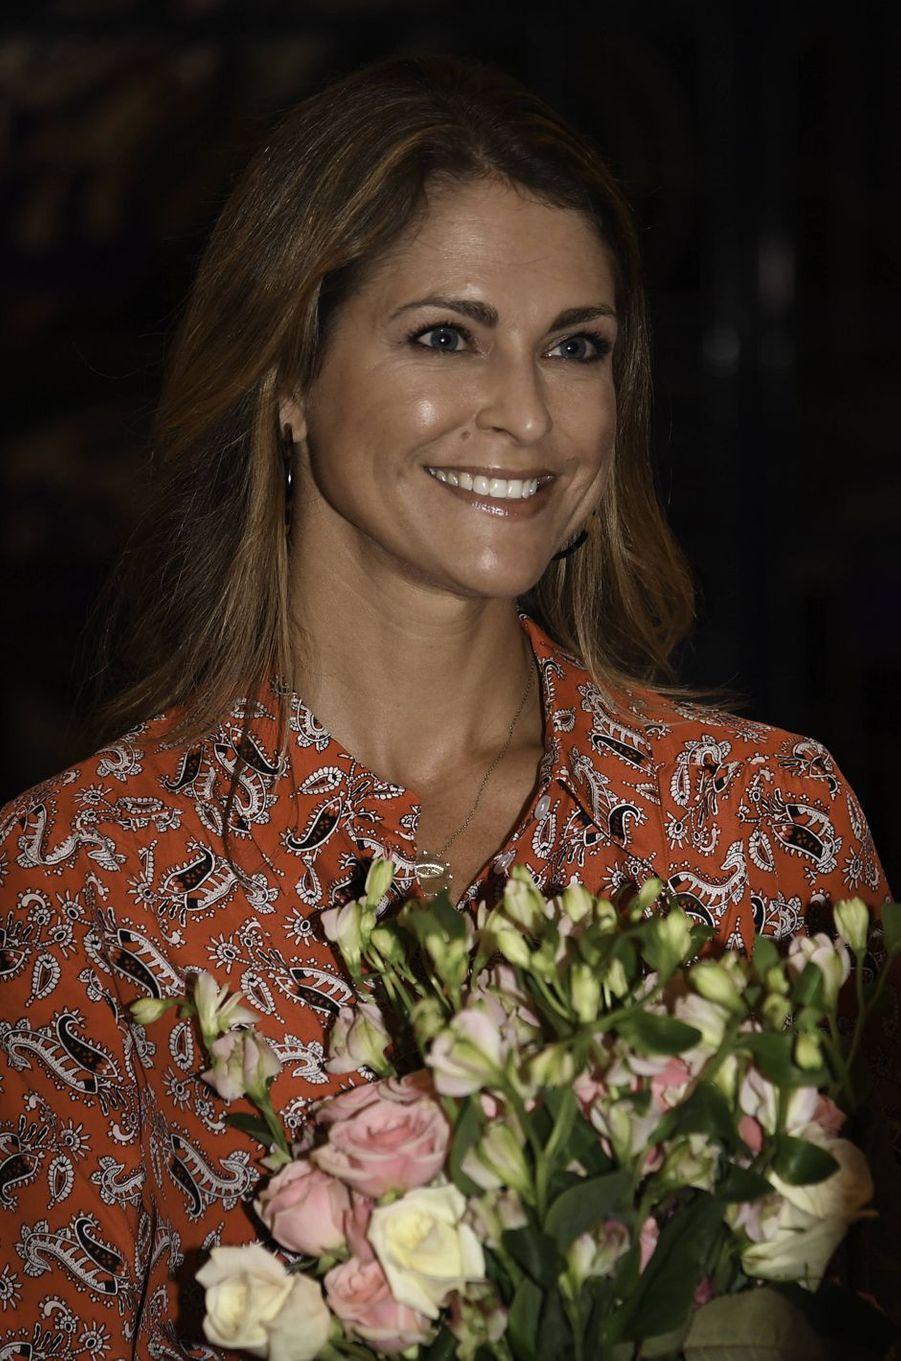 La princesse Madeleine de Suède, le 3 novembre 2019 à Fort Lauderdale